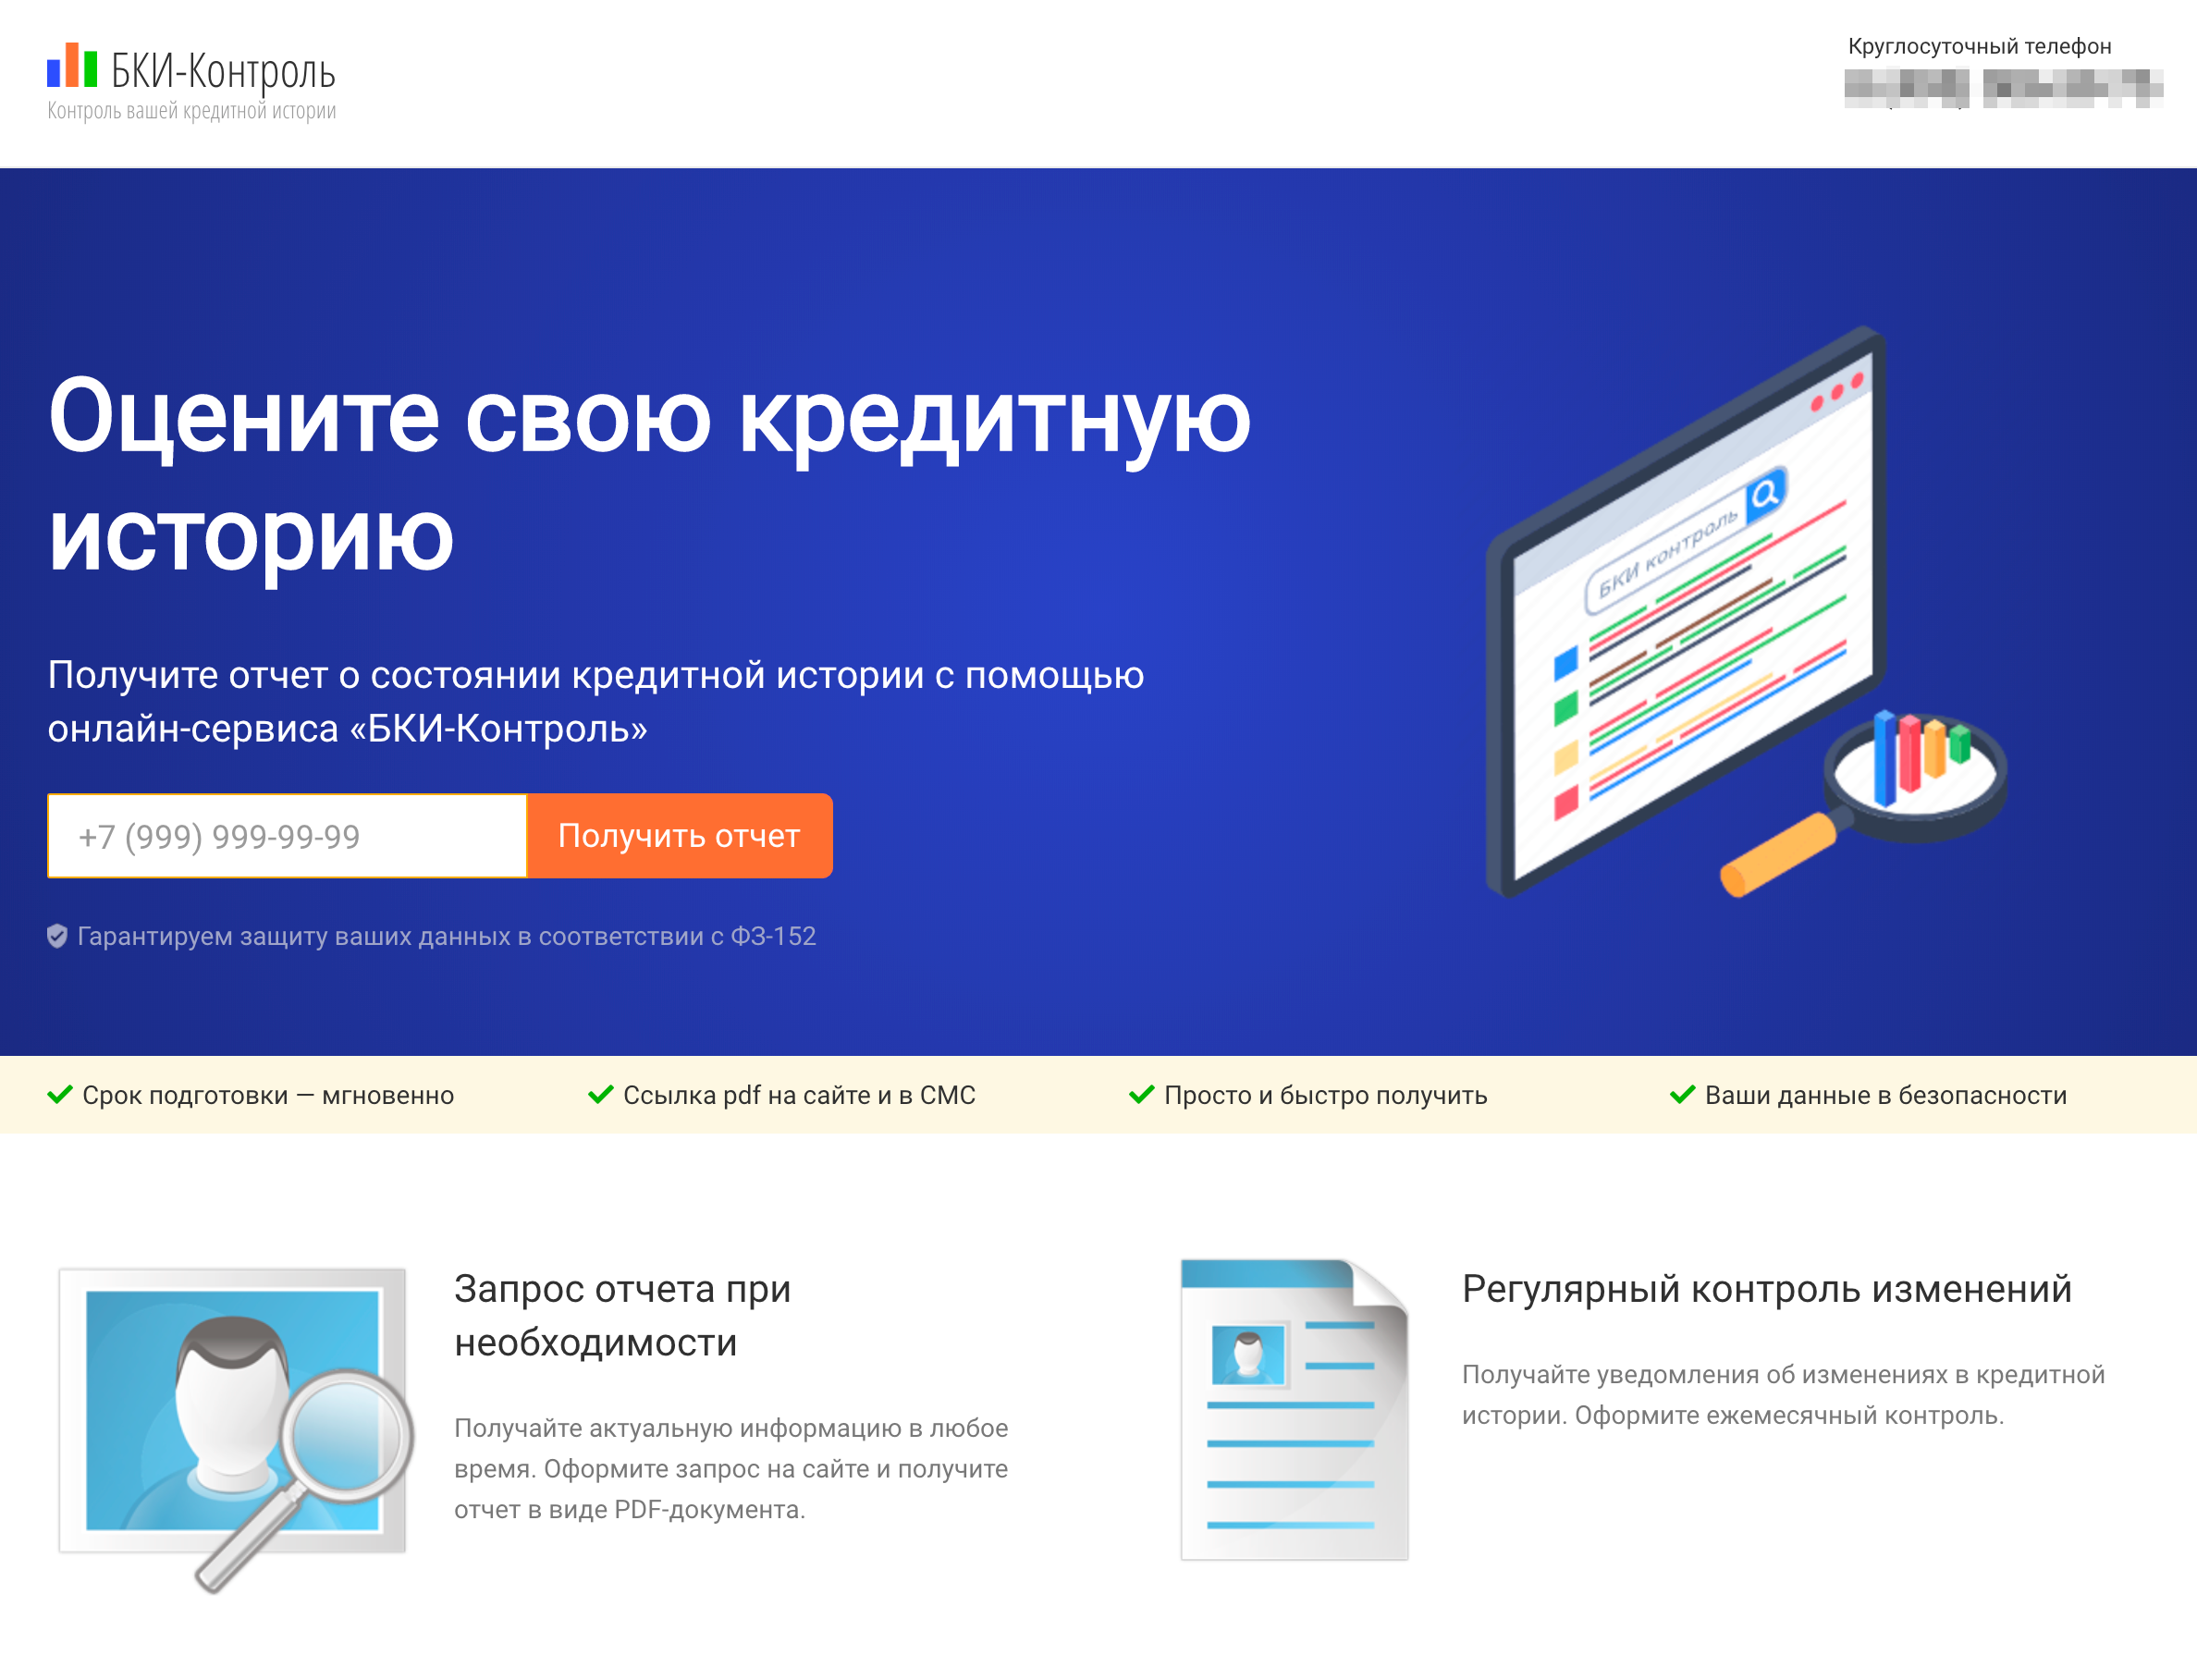 На главной странице сайта предлагают оценить кредитную историю и подписаться на контроль изменений